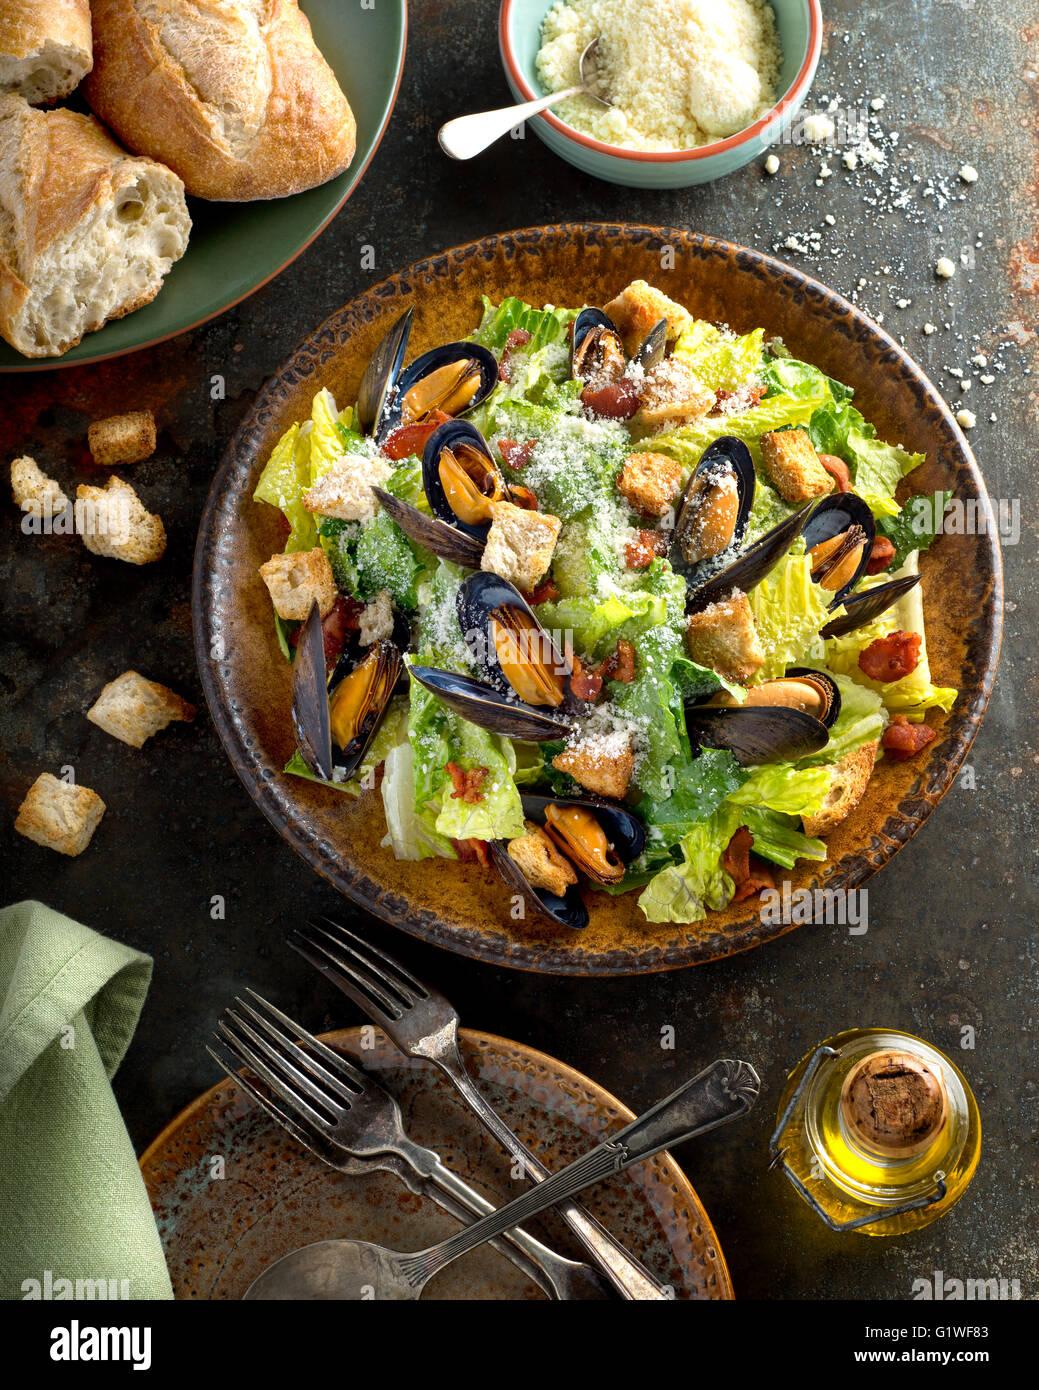 Una deliciosa ensalada césar con mejillones, lechuga romana, tocino, crutones y queso parmesano. Imagen De Stock